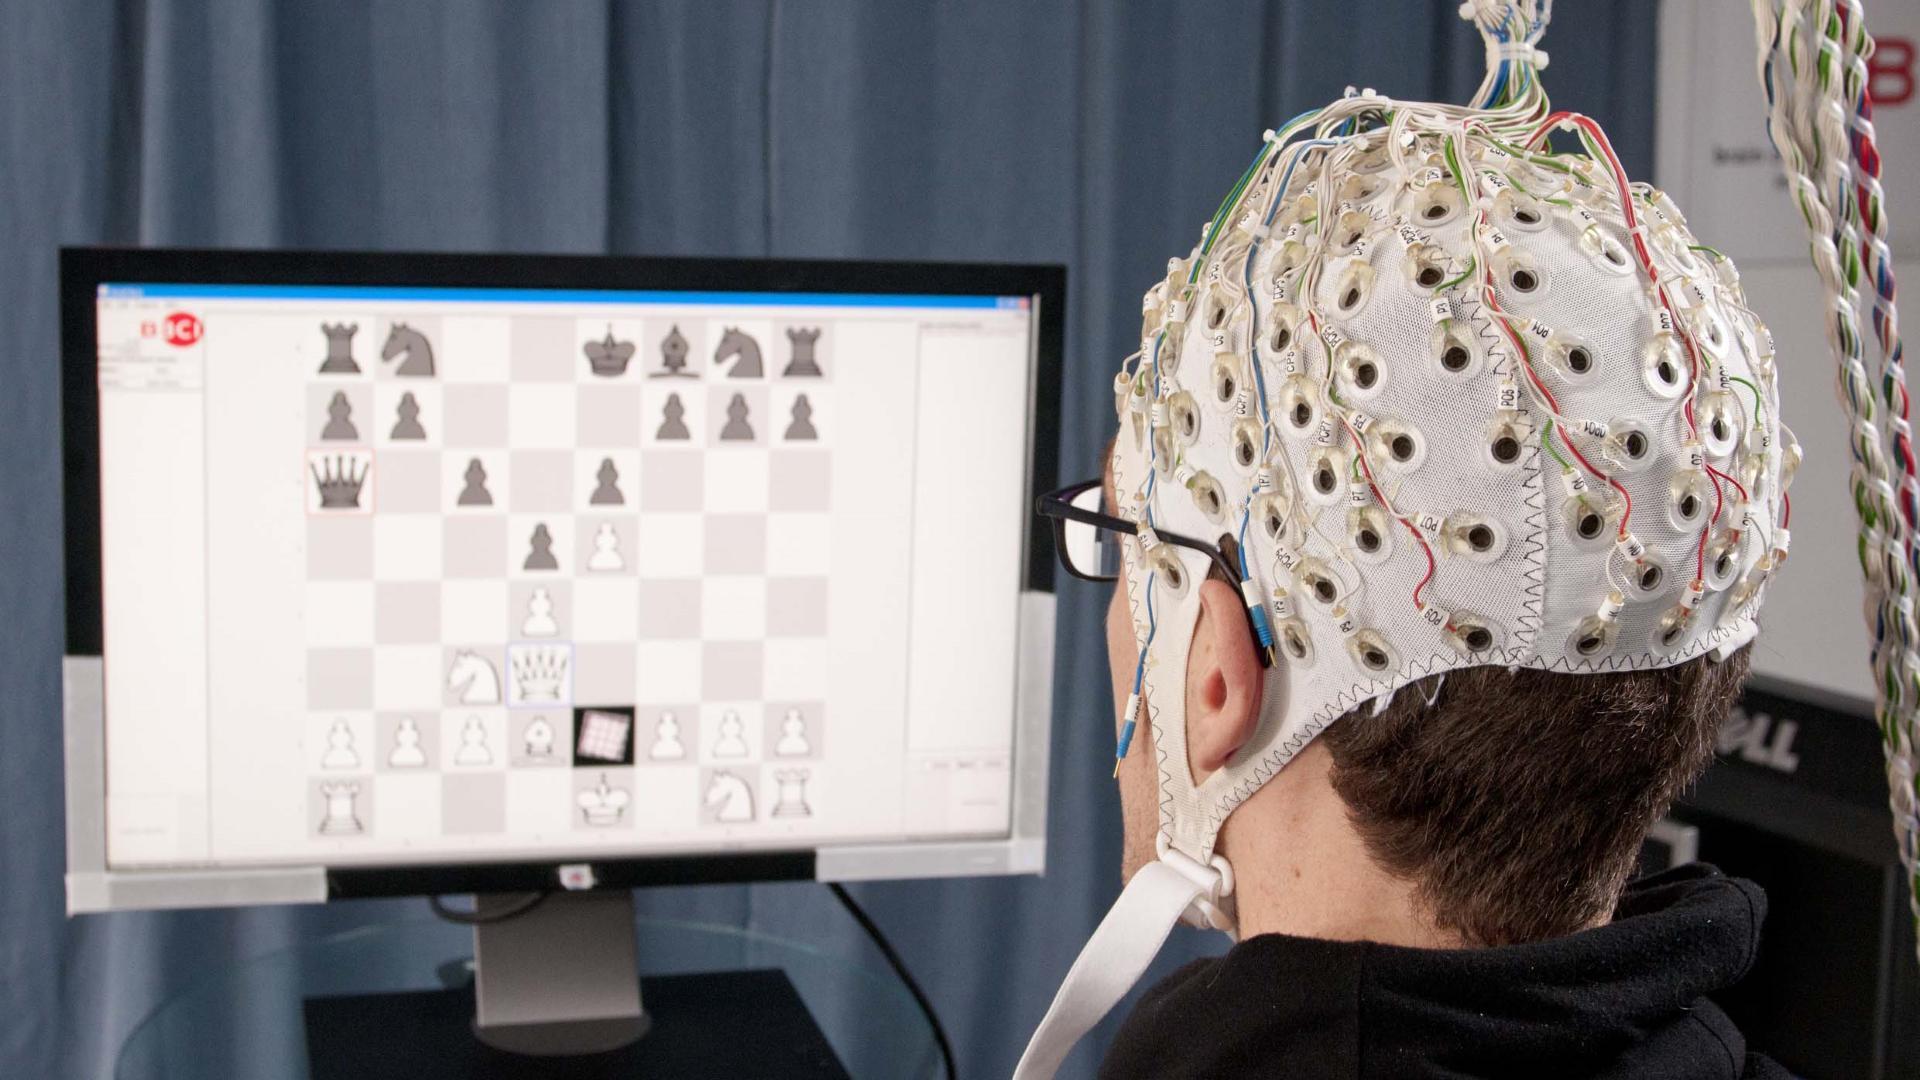 Как улучшить мозг. Выпуск 22. Этика интерфейсов «мозг-компьютер»